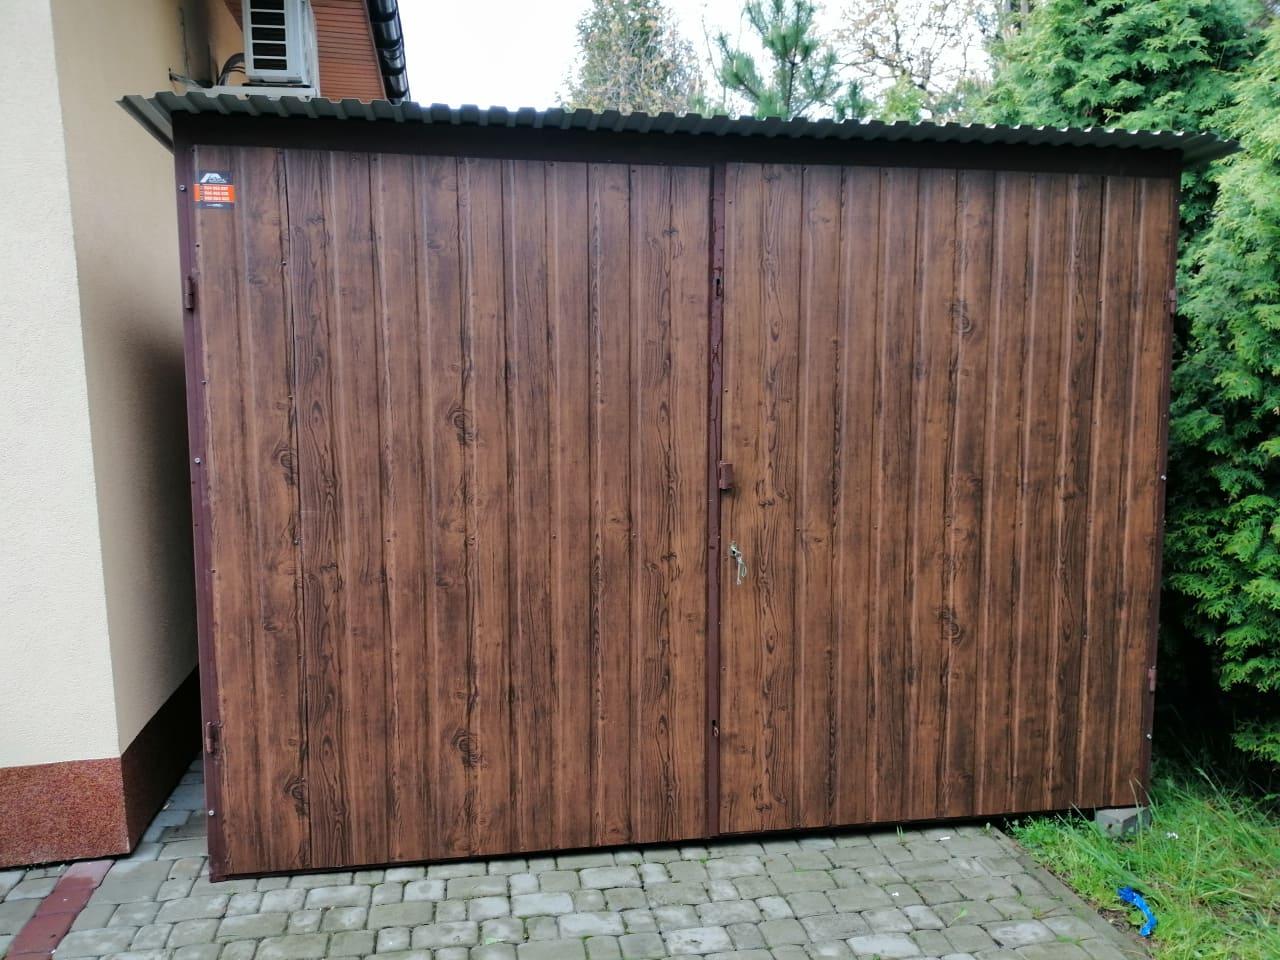 cennik garaż blaszany 3x5m drewnopodobny